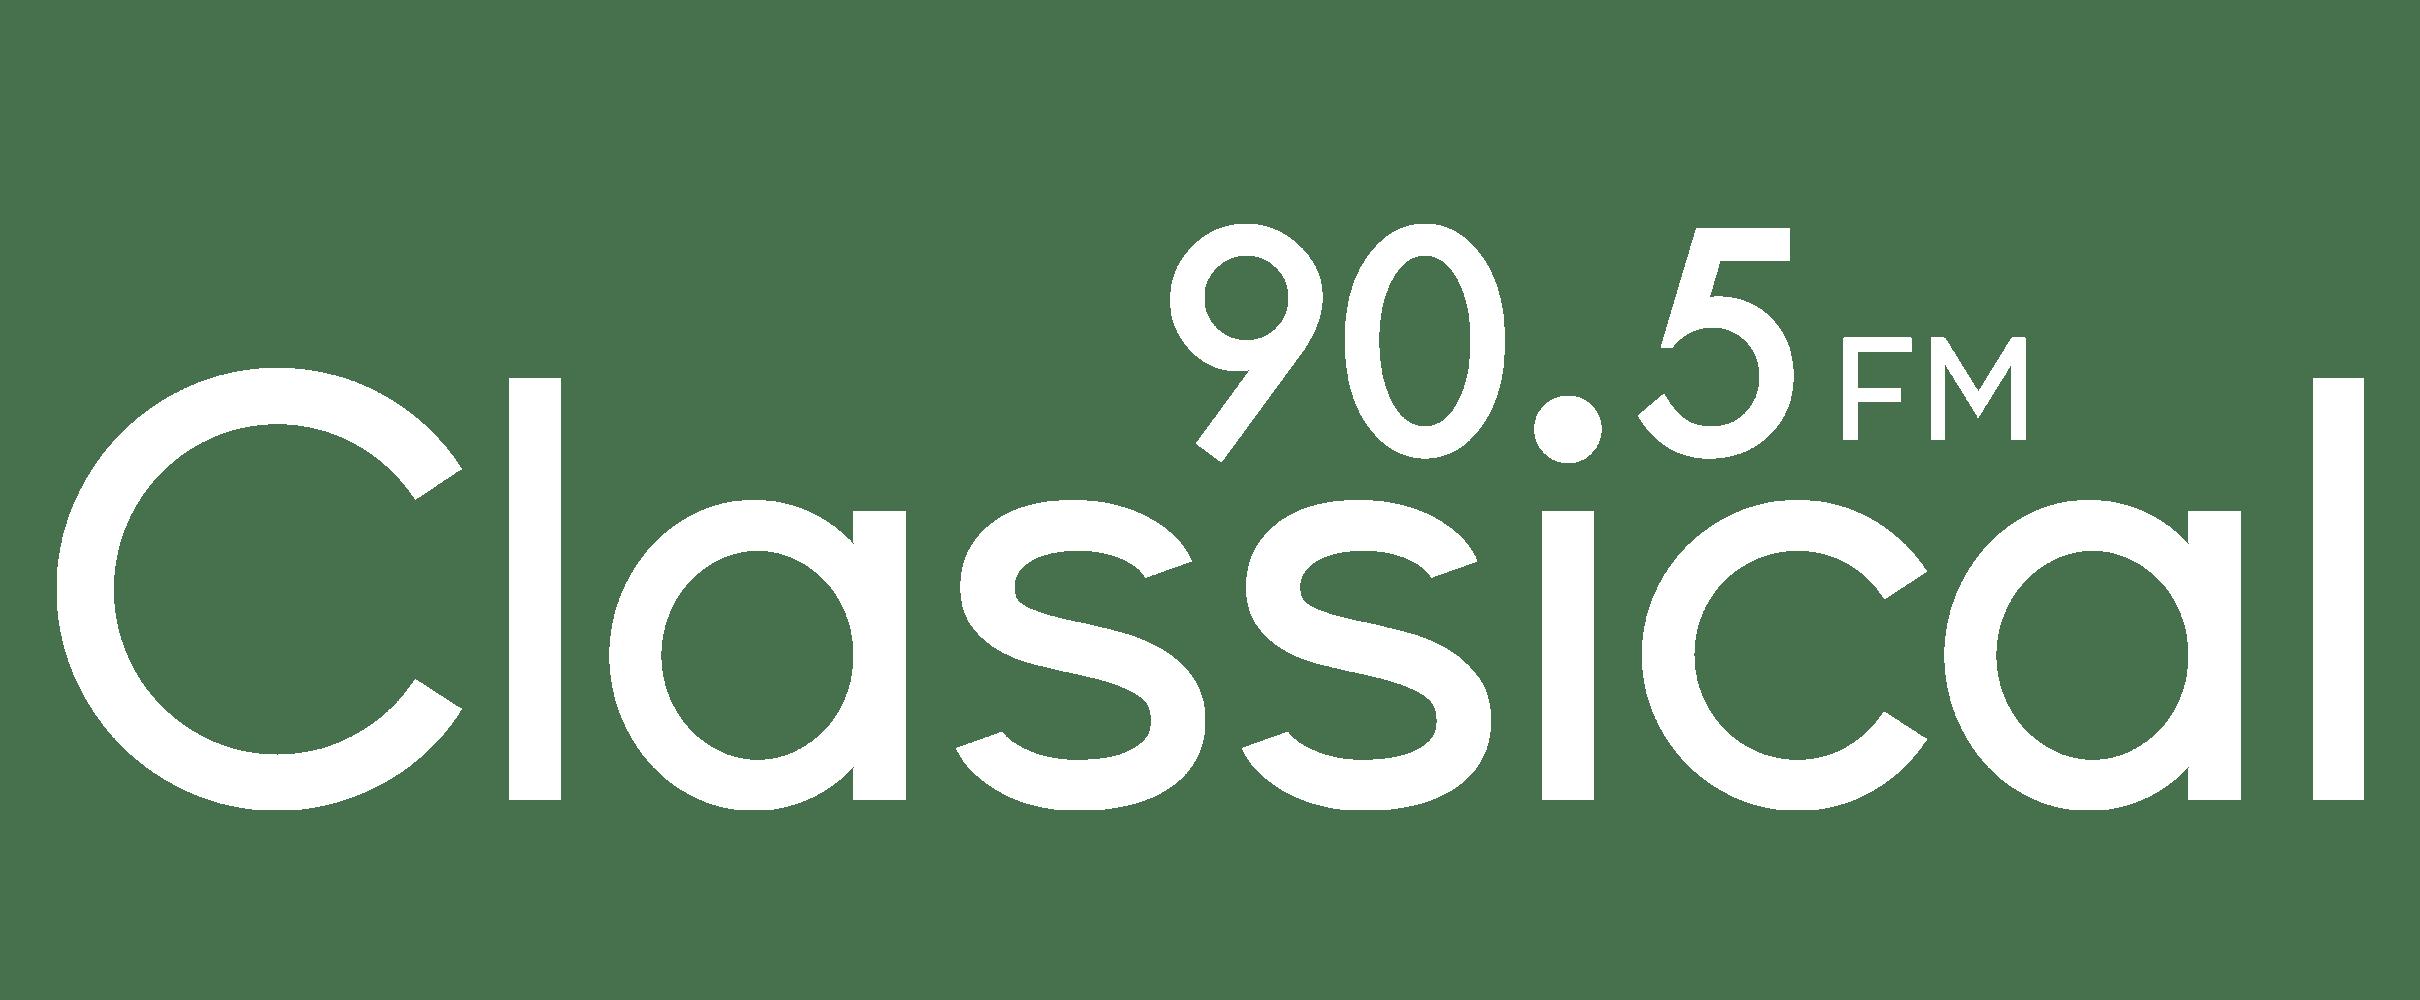 classical_905_transparent_0